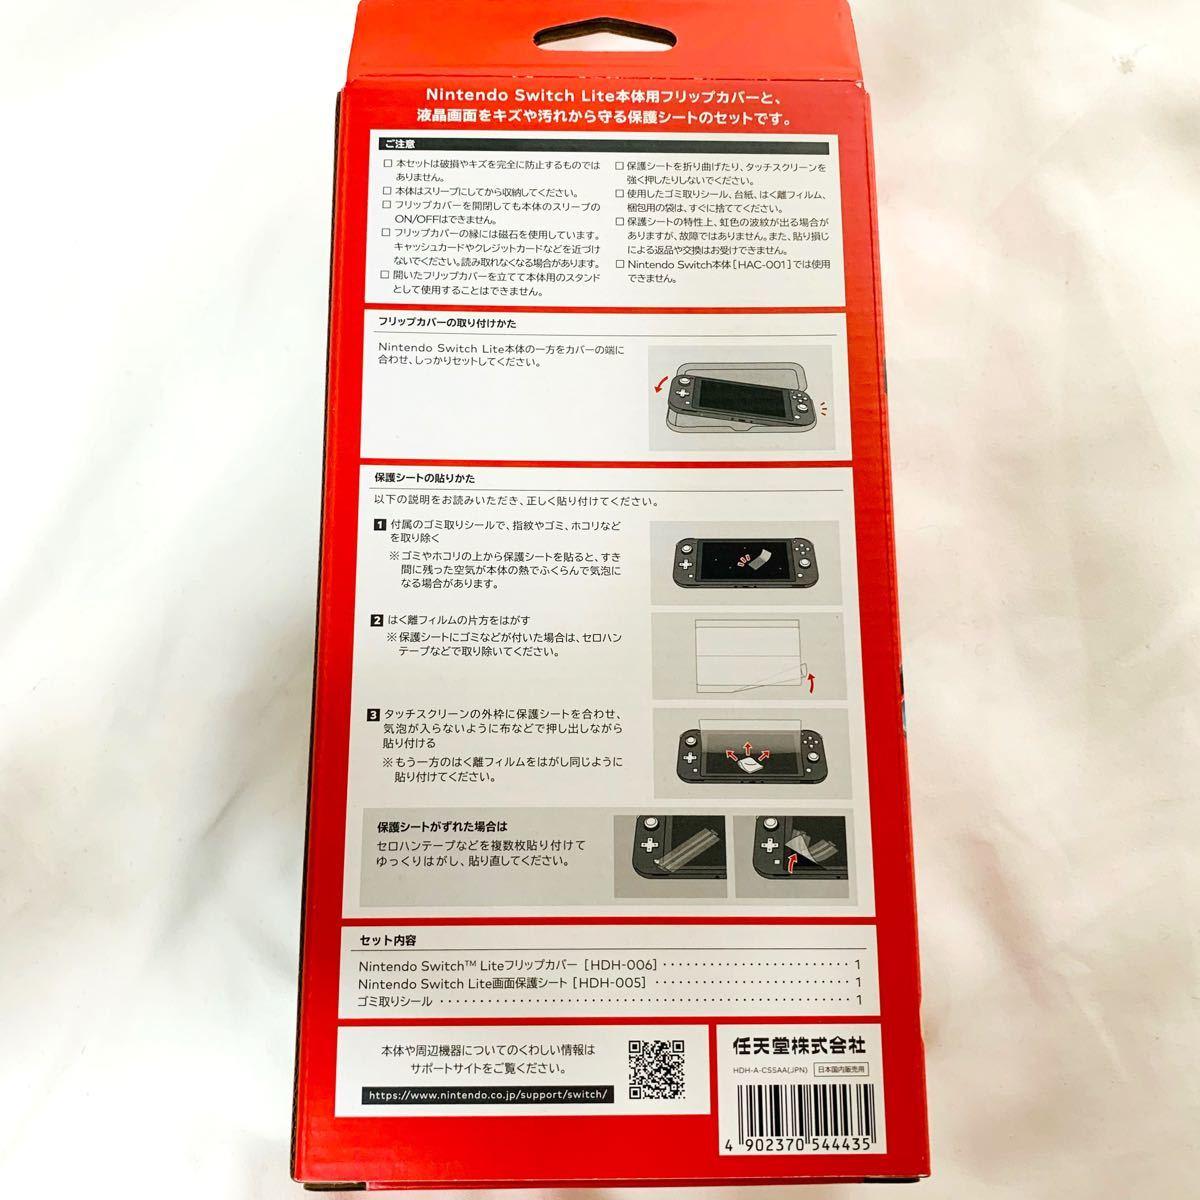 【任天堂純正品】Nintendo Switch Lite ニンテンドースイッチ ライト フリップカバー (画面保護シート付き)